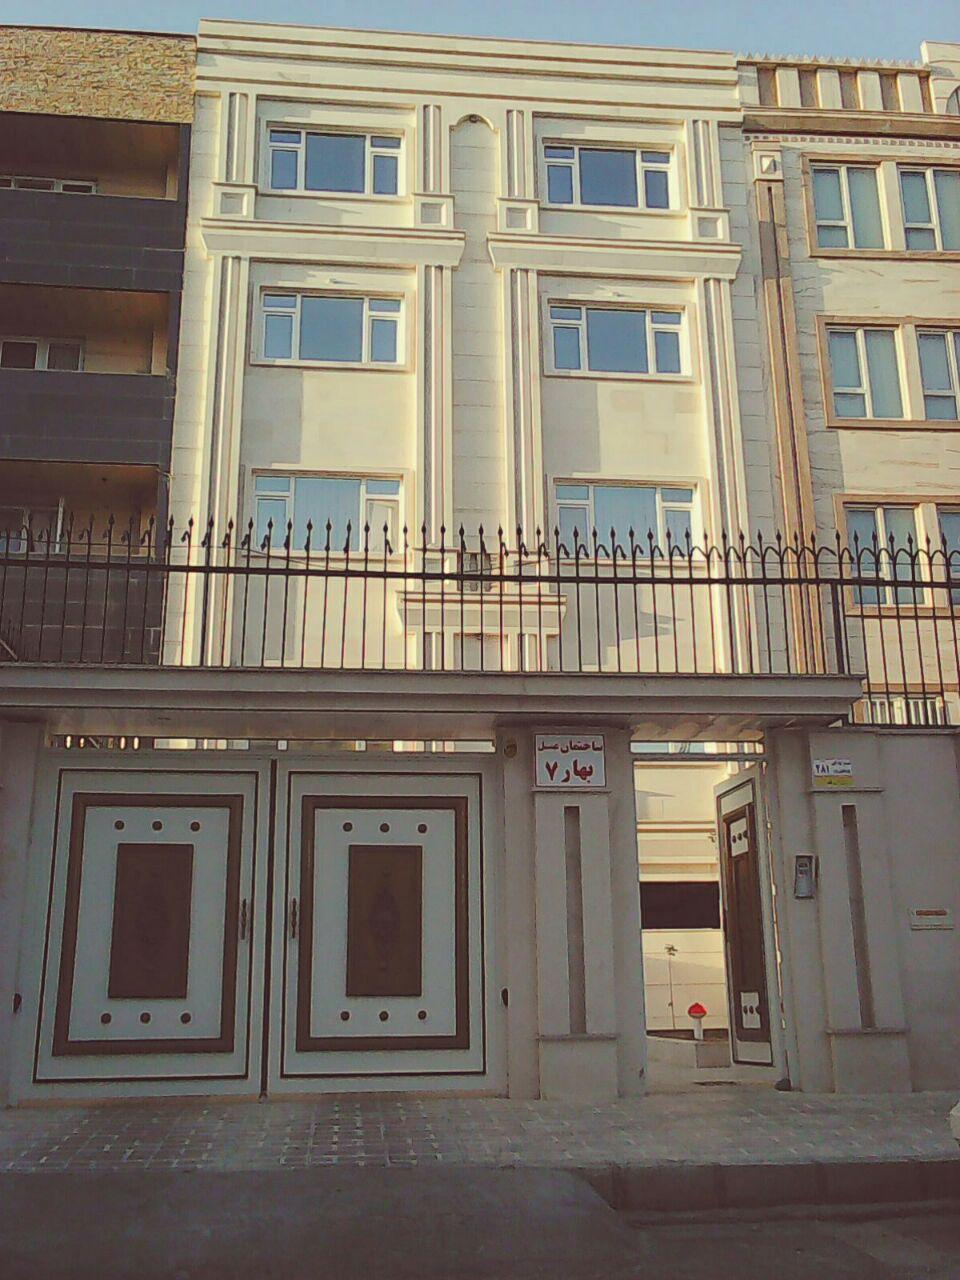 آپارتمان ۷۸ متری طبقه سوم ۳ساله برای فروش قیمت کاسبی